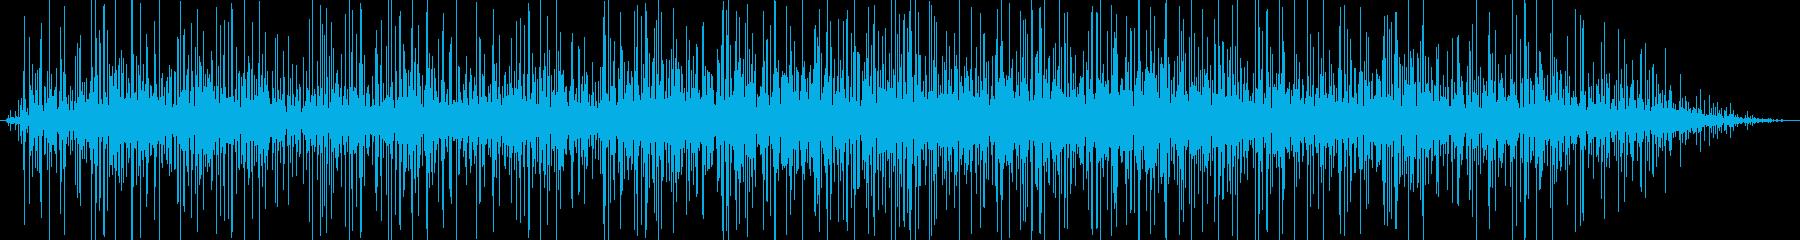 洞窟の中で雨のような水が落ちる音の再生済みの波形